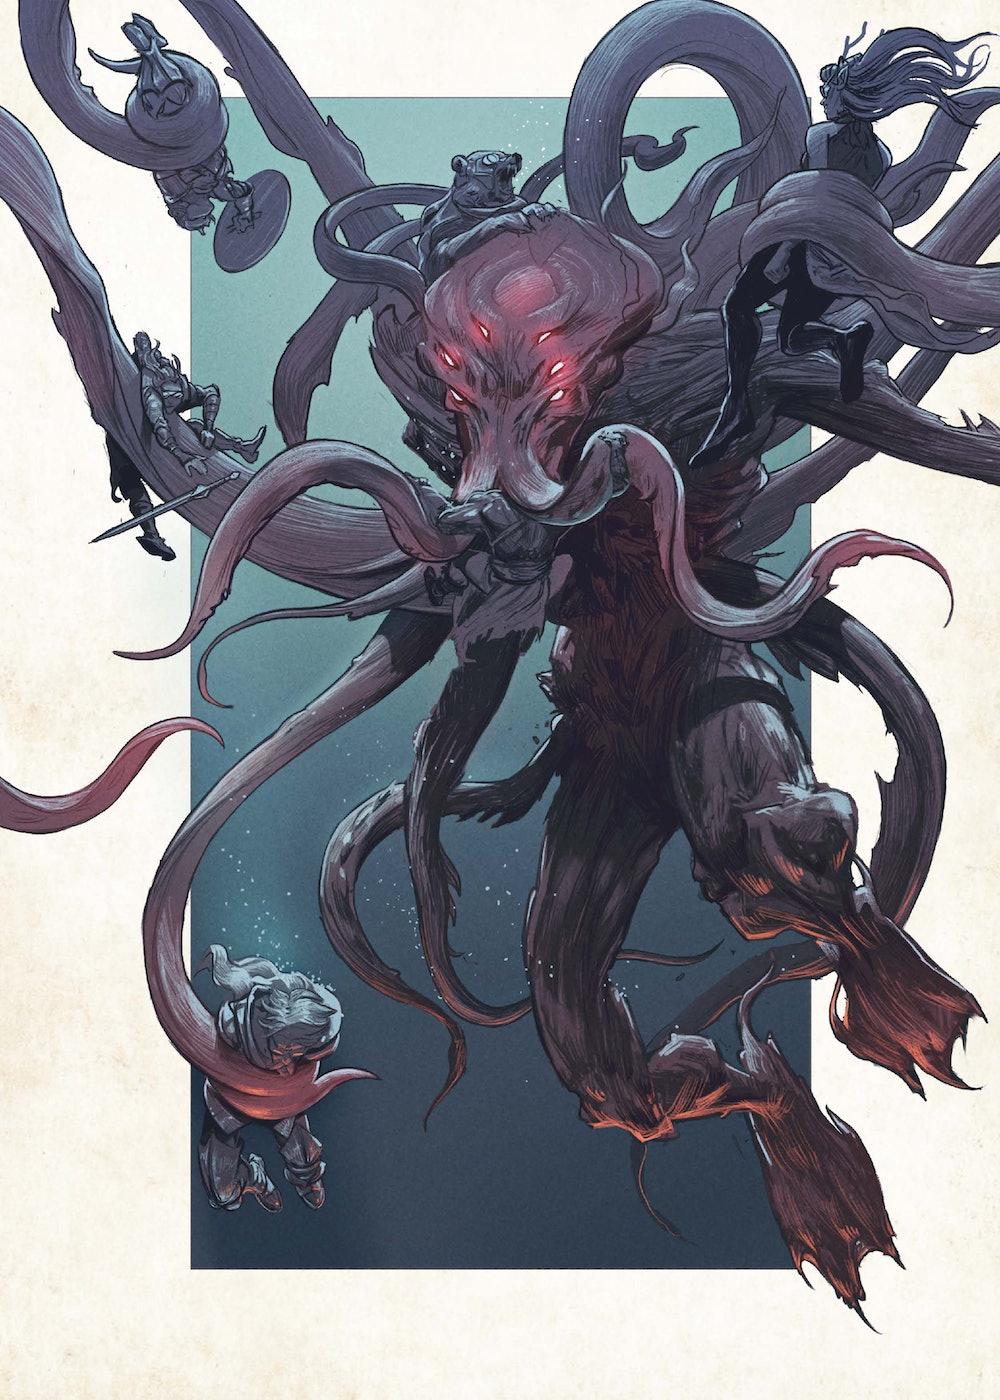 Kraken World of Critical Role